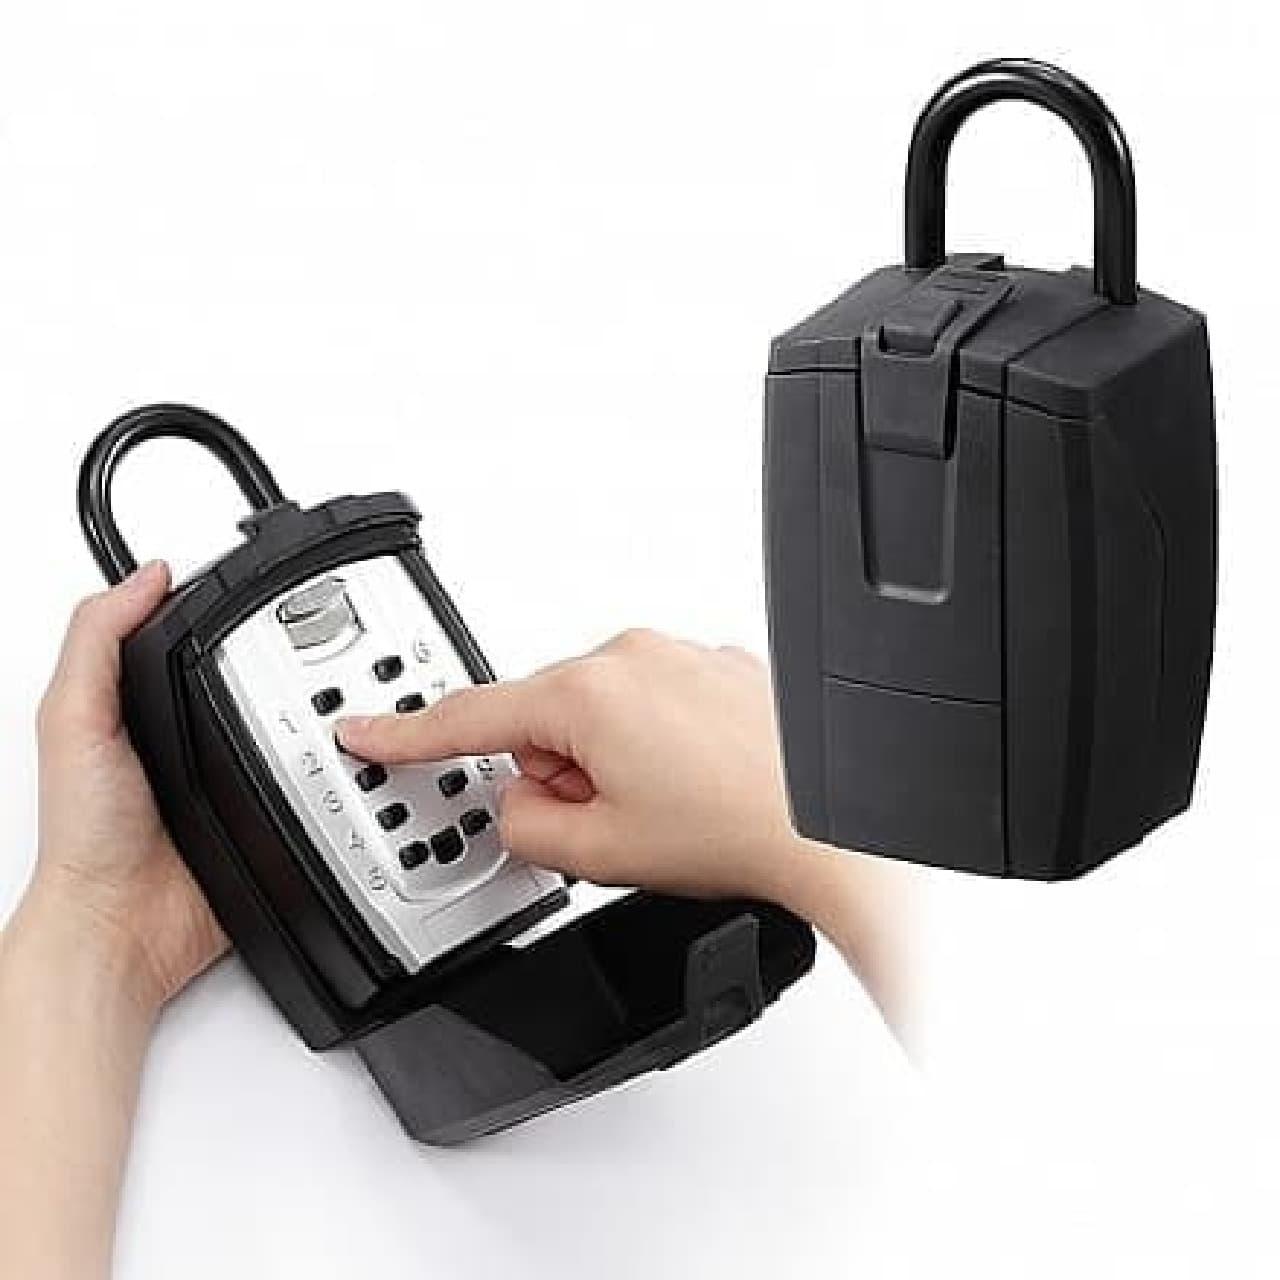 サンワダイレクトの鍵収納ボックス「200-SL034」